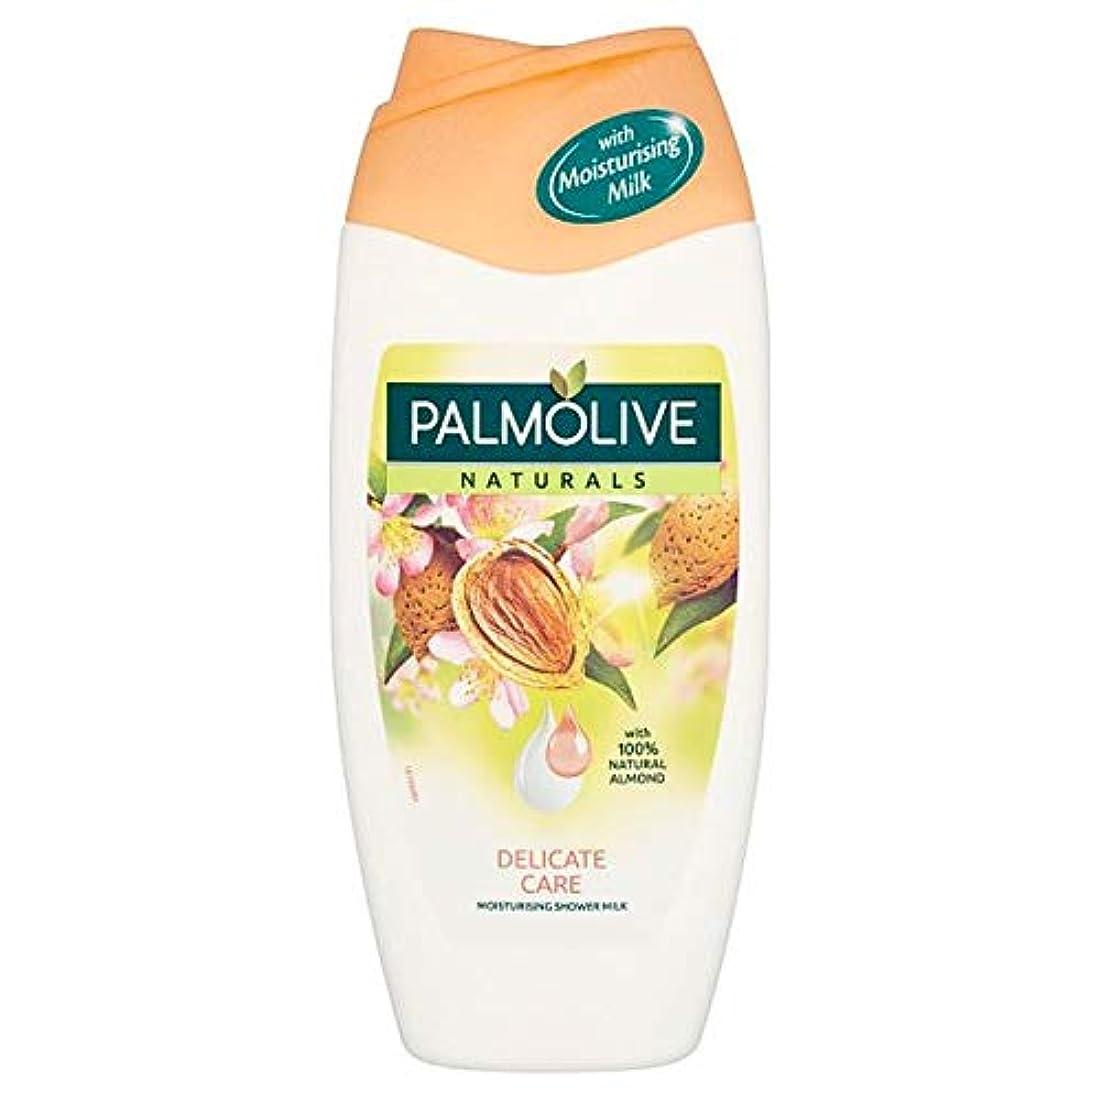 聴覚楽しませる面[Palmolive] Palmolive社ナチュラルズは、シャワージェル250ミリリットルアーモンド - Palmolive Naturals Almond Shower Gel 250Ml [並行輸入品]